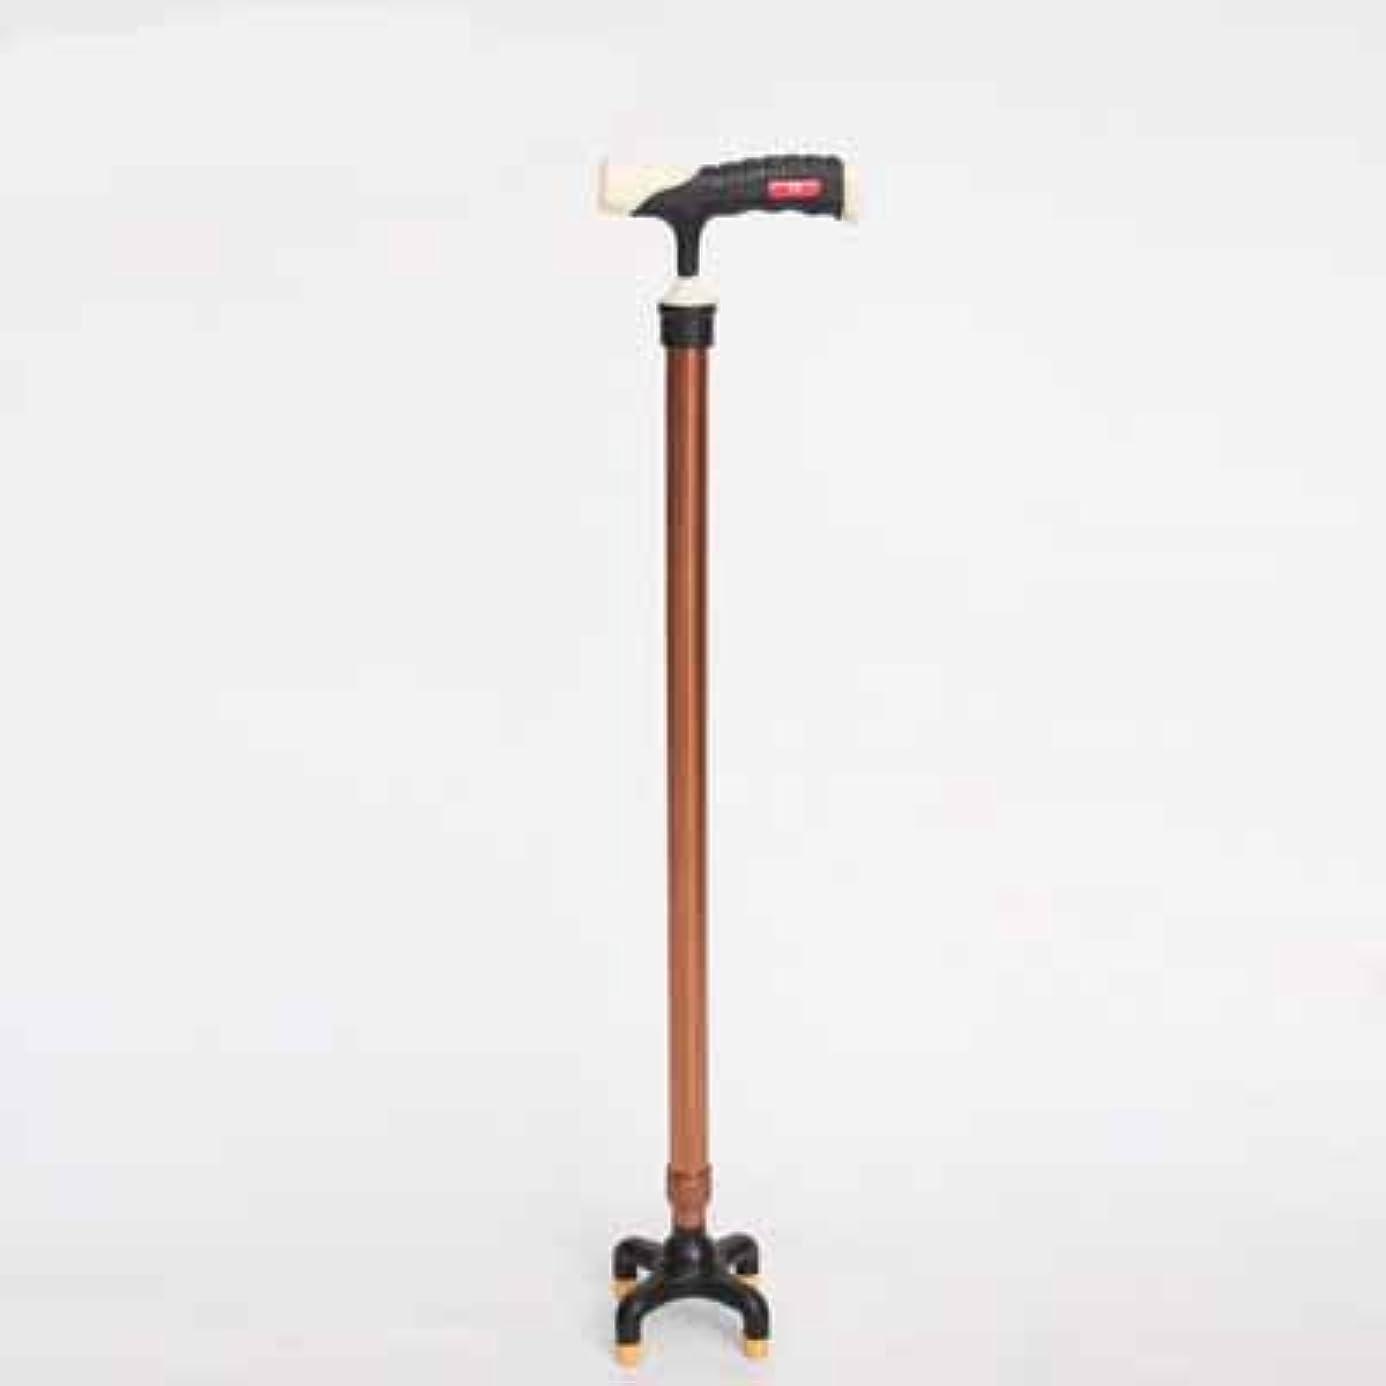 統計半導体引き潮伸縮式高齢者用歩行用スティックT字型ハンドル用杖と歩行用スティック可動性補助用アルミニウム合金アンチスキッド4フィート松葉杖